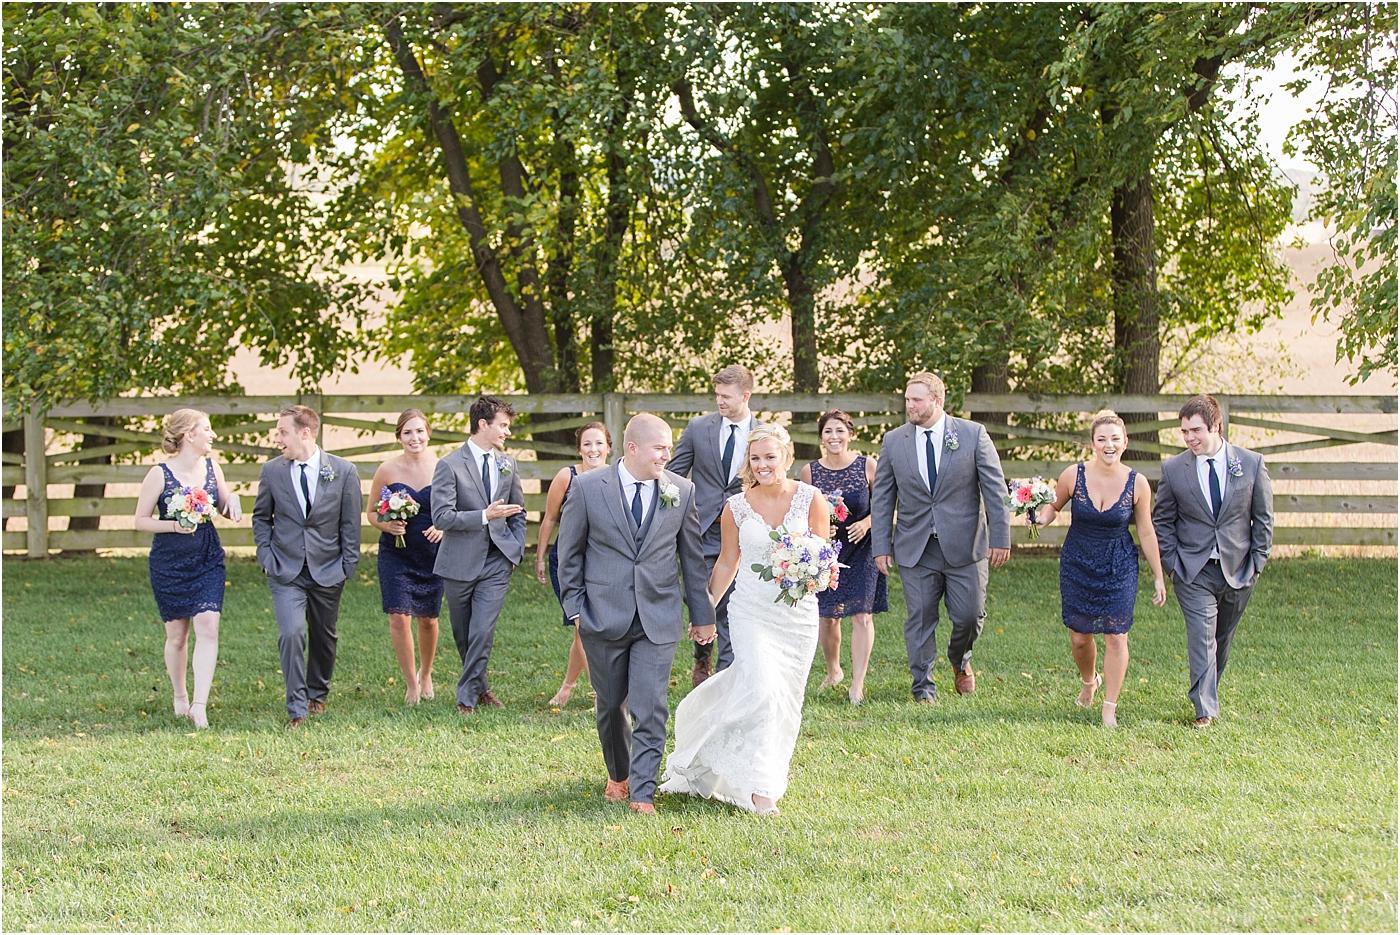 Walkers-Overlook-Wedding-49.jpg